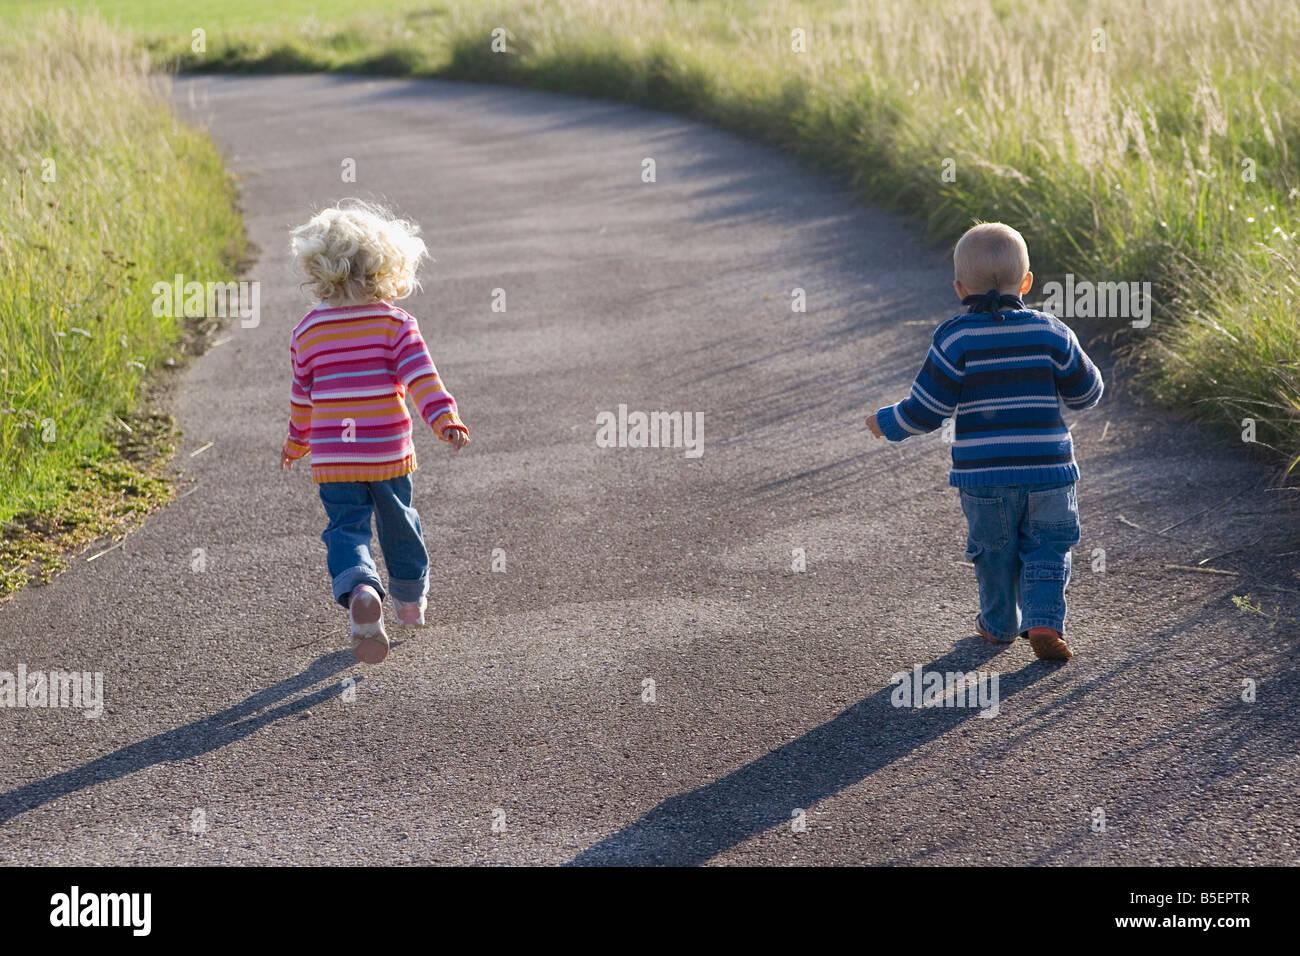 Bambina (2-3) e ragazzo (1-2) in esecuzione attraverso il percorso, vista posteriore Foto Stock